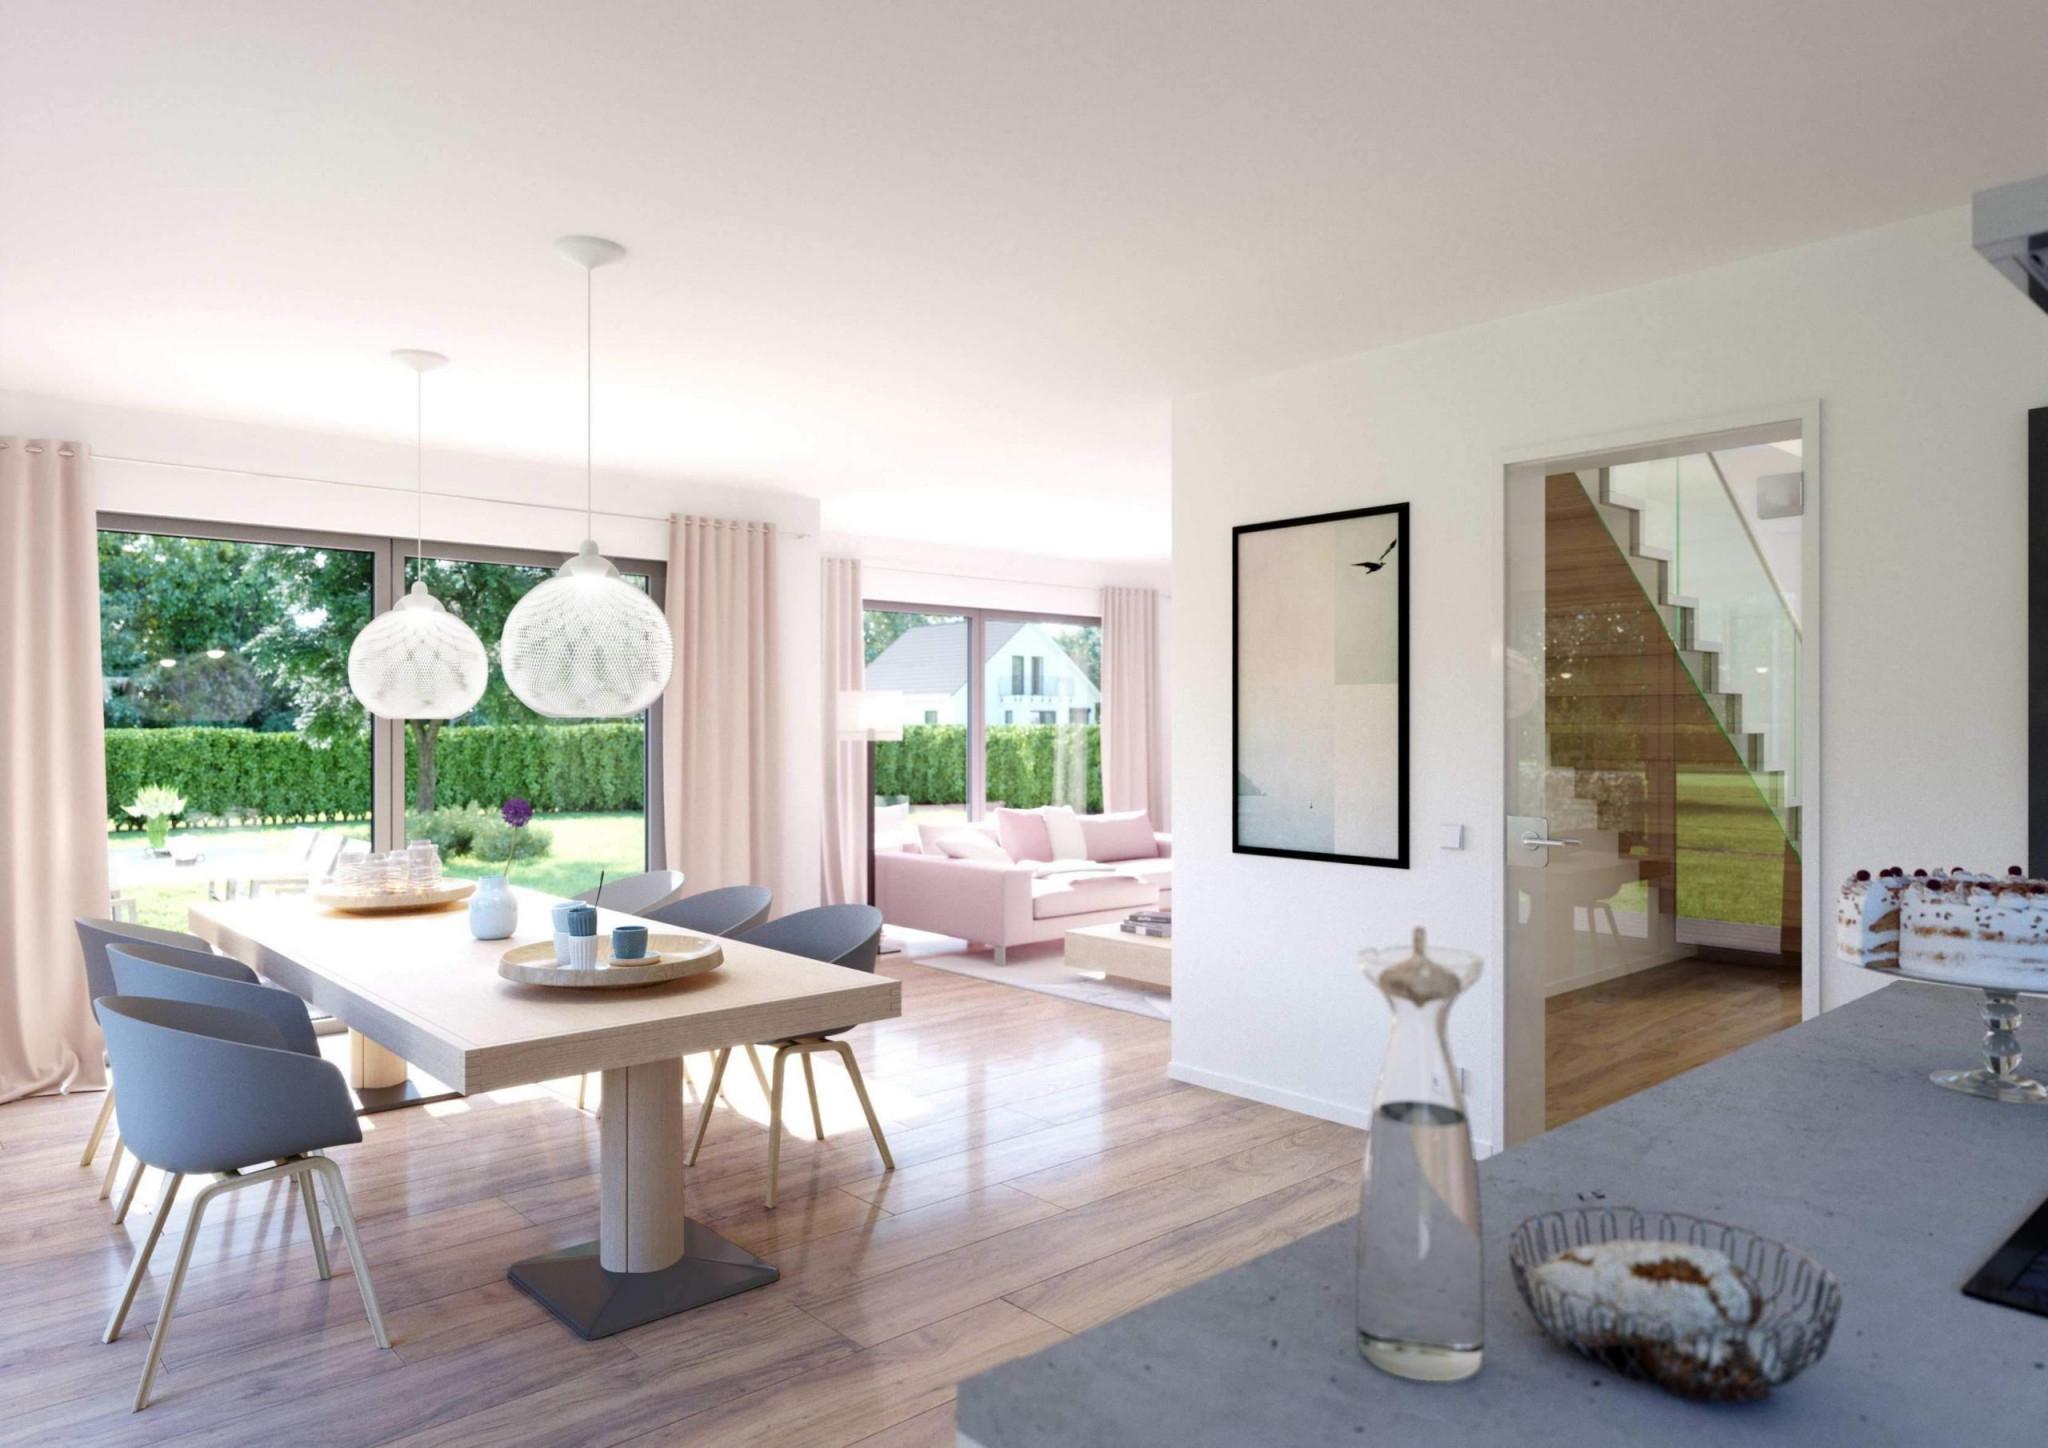 30 Luxus Kleines Wohnzimmer Mit Essbereich Einrichten von Kleine Wohnzimmer Elegant Einrichten Bild